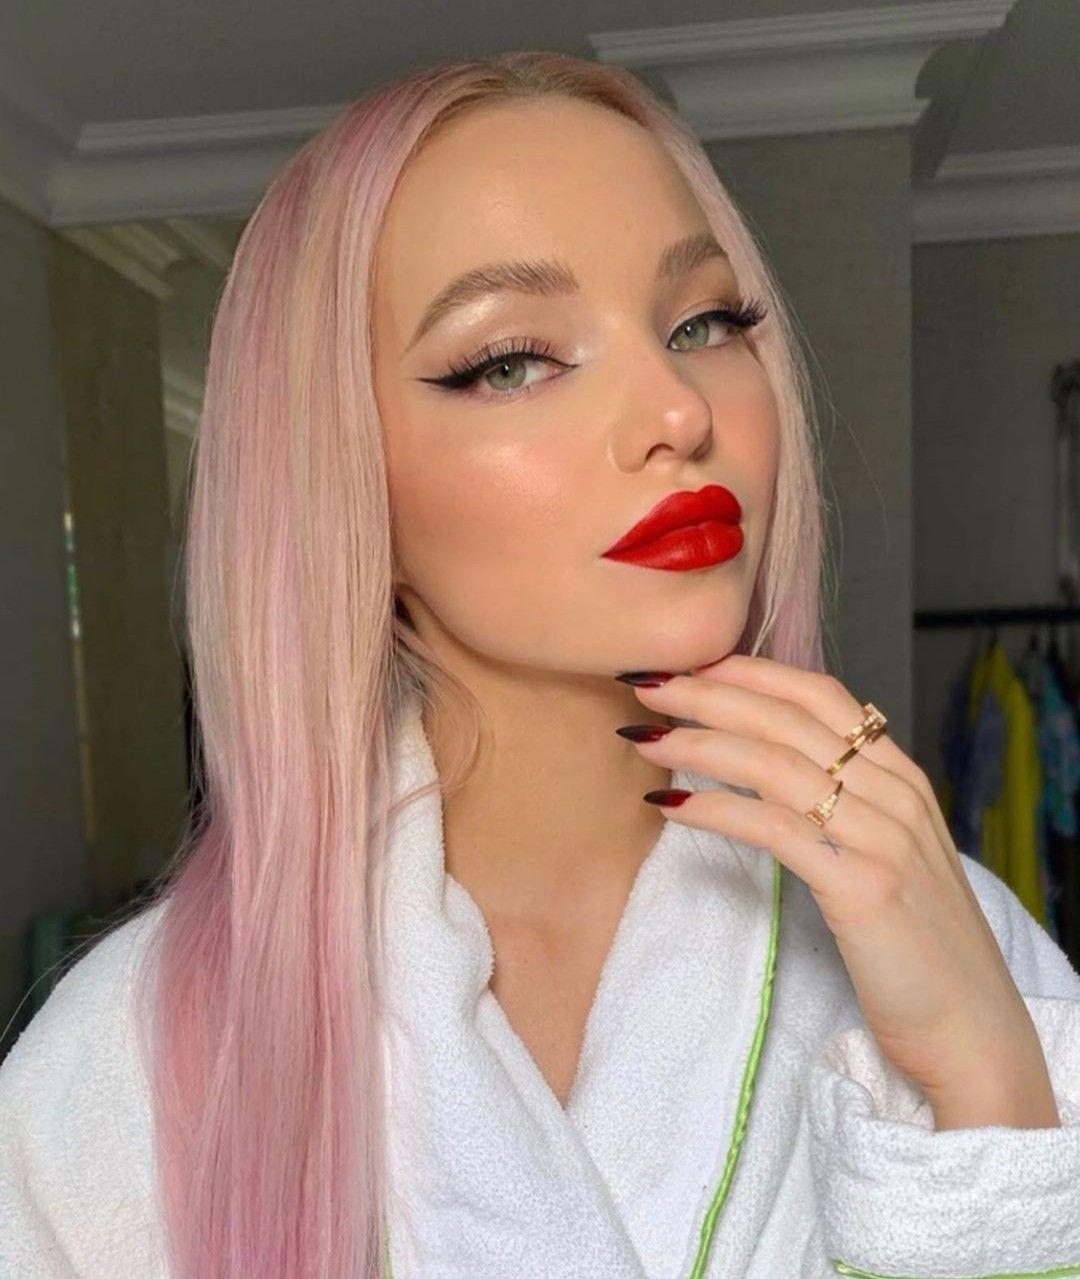 Dove cameron pink hair dovelie chloe celeste hosterman new